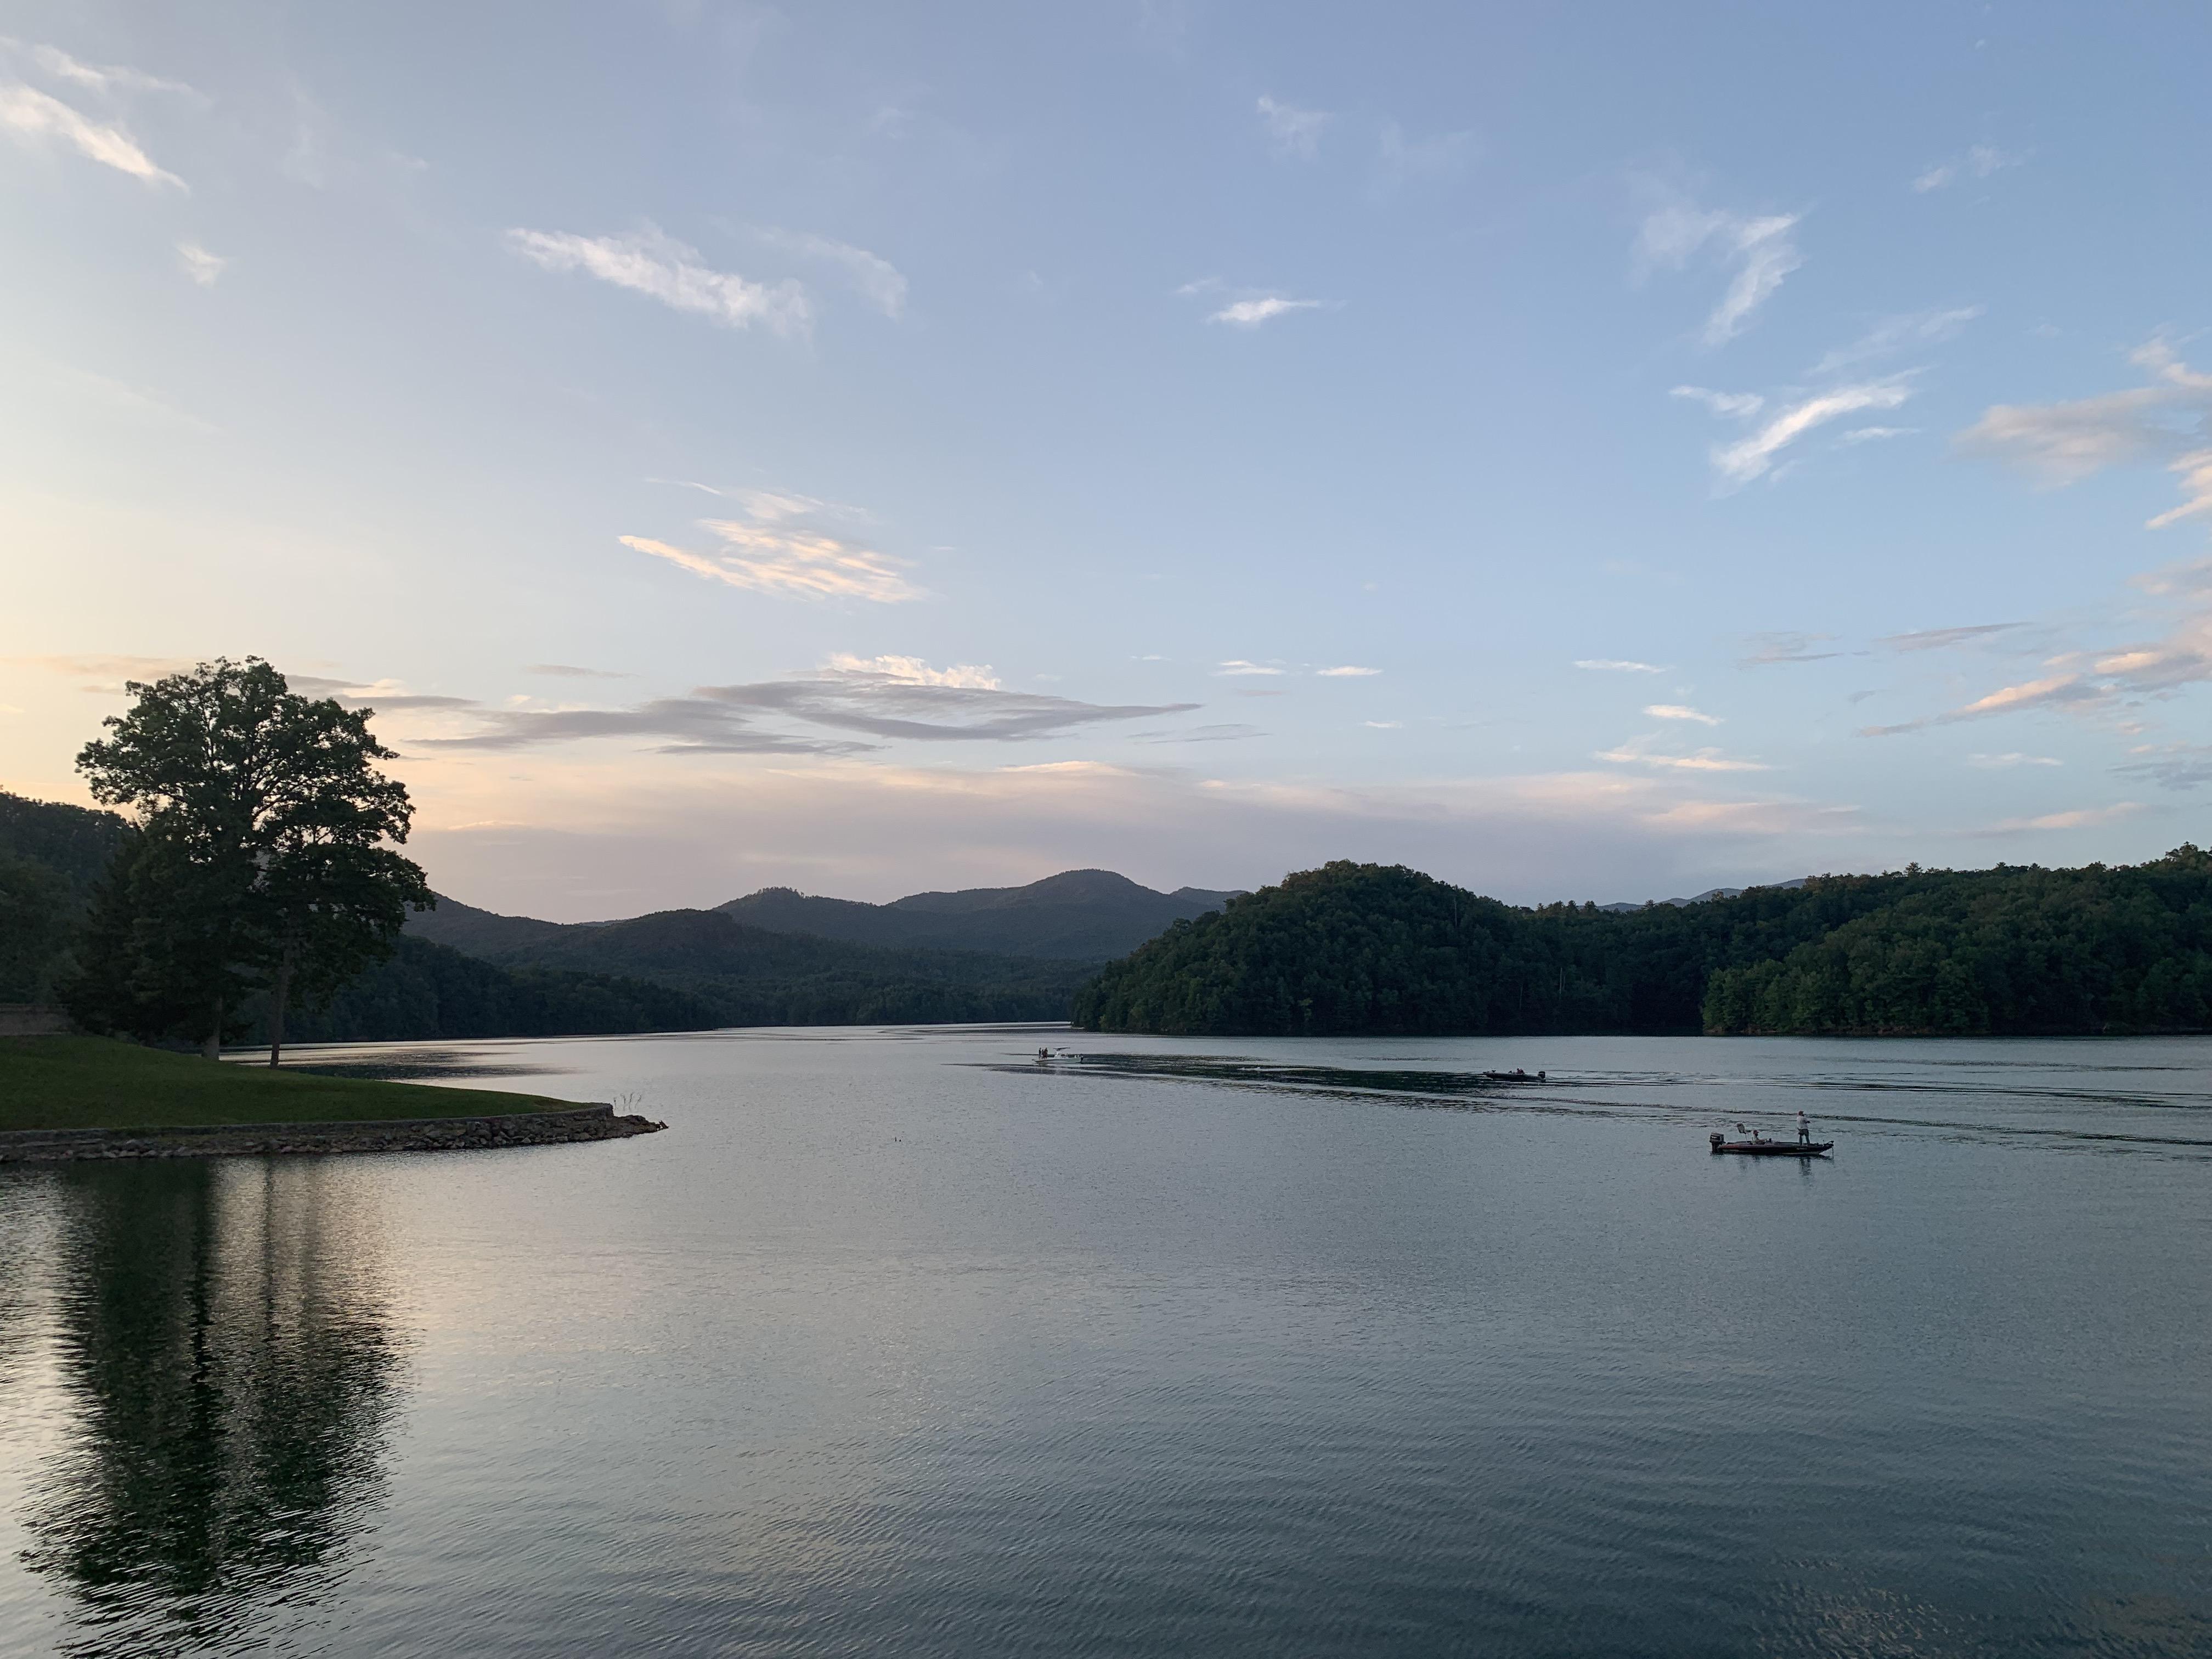 File:Hiwassee lake.jpg